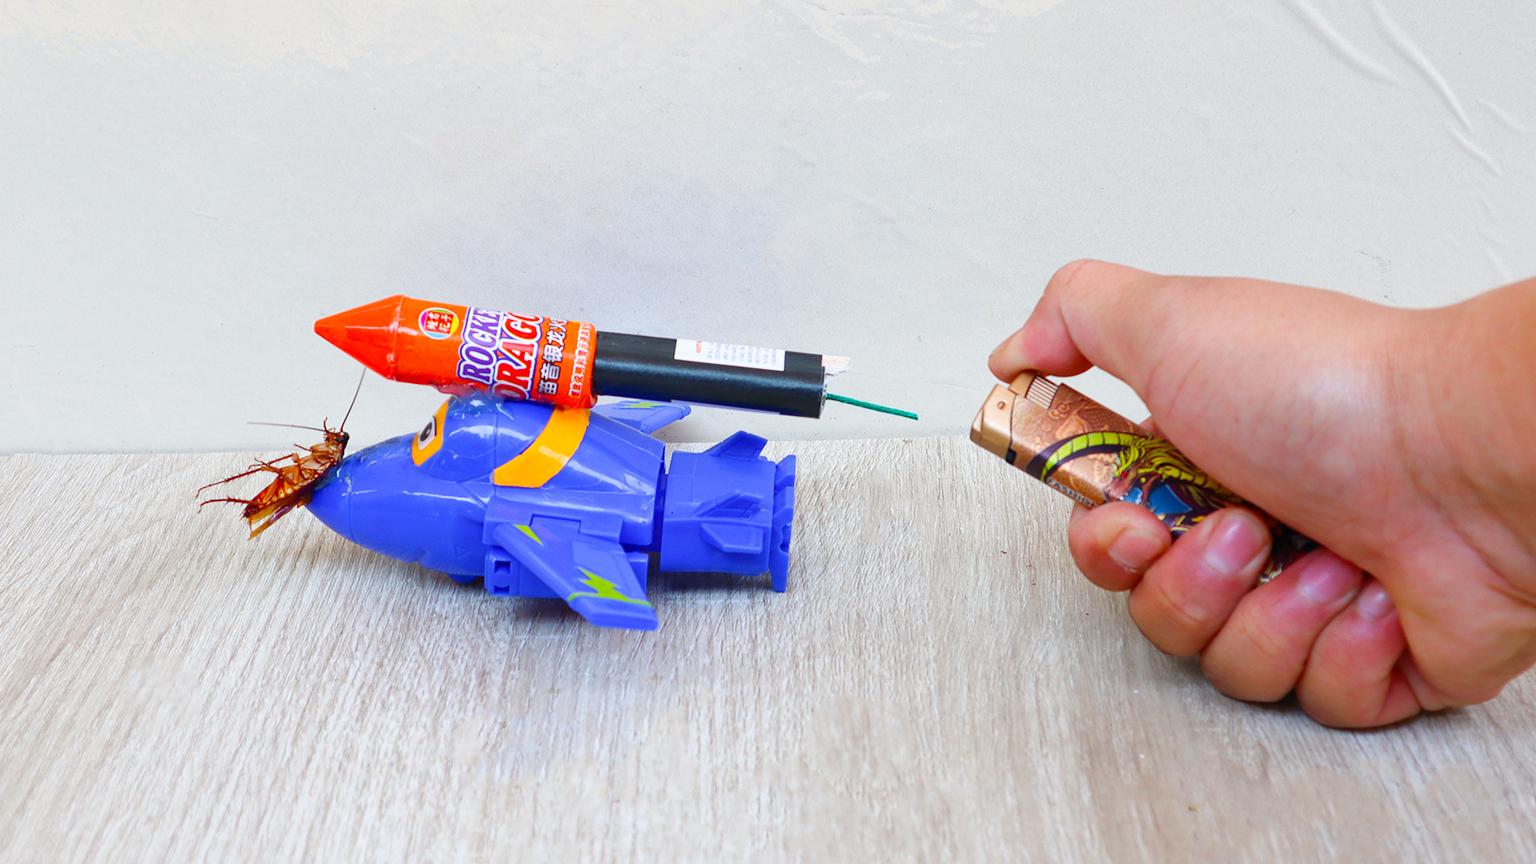 把火箭、蟑螂粘在飞机上面,点燃火箭,会发生什么?